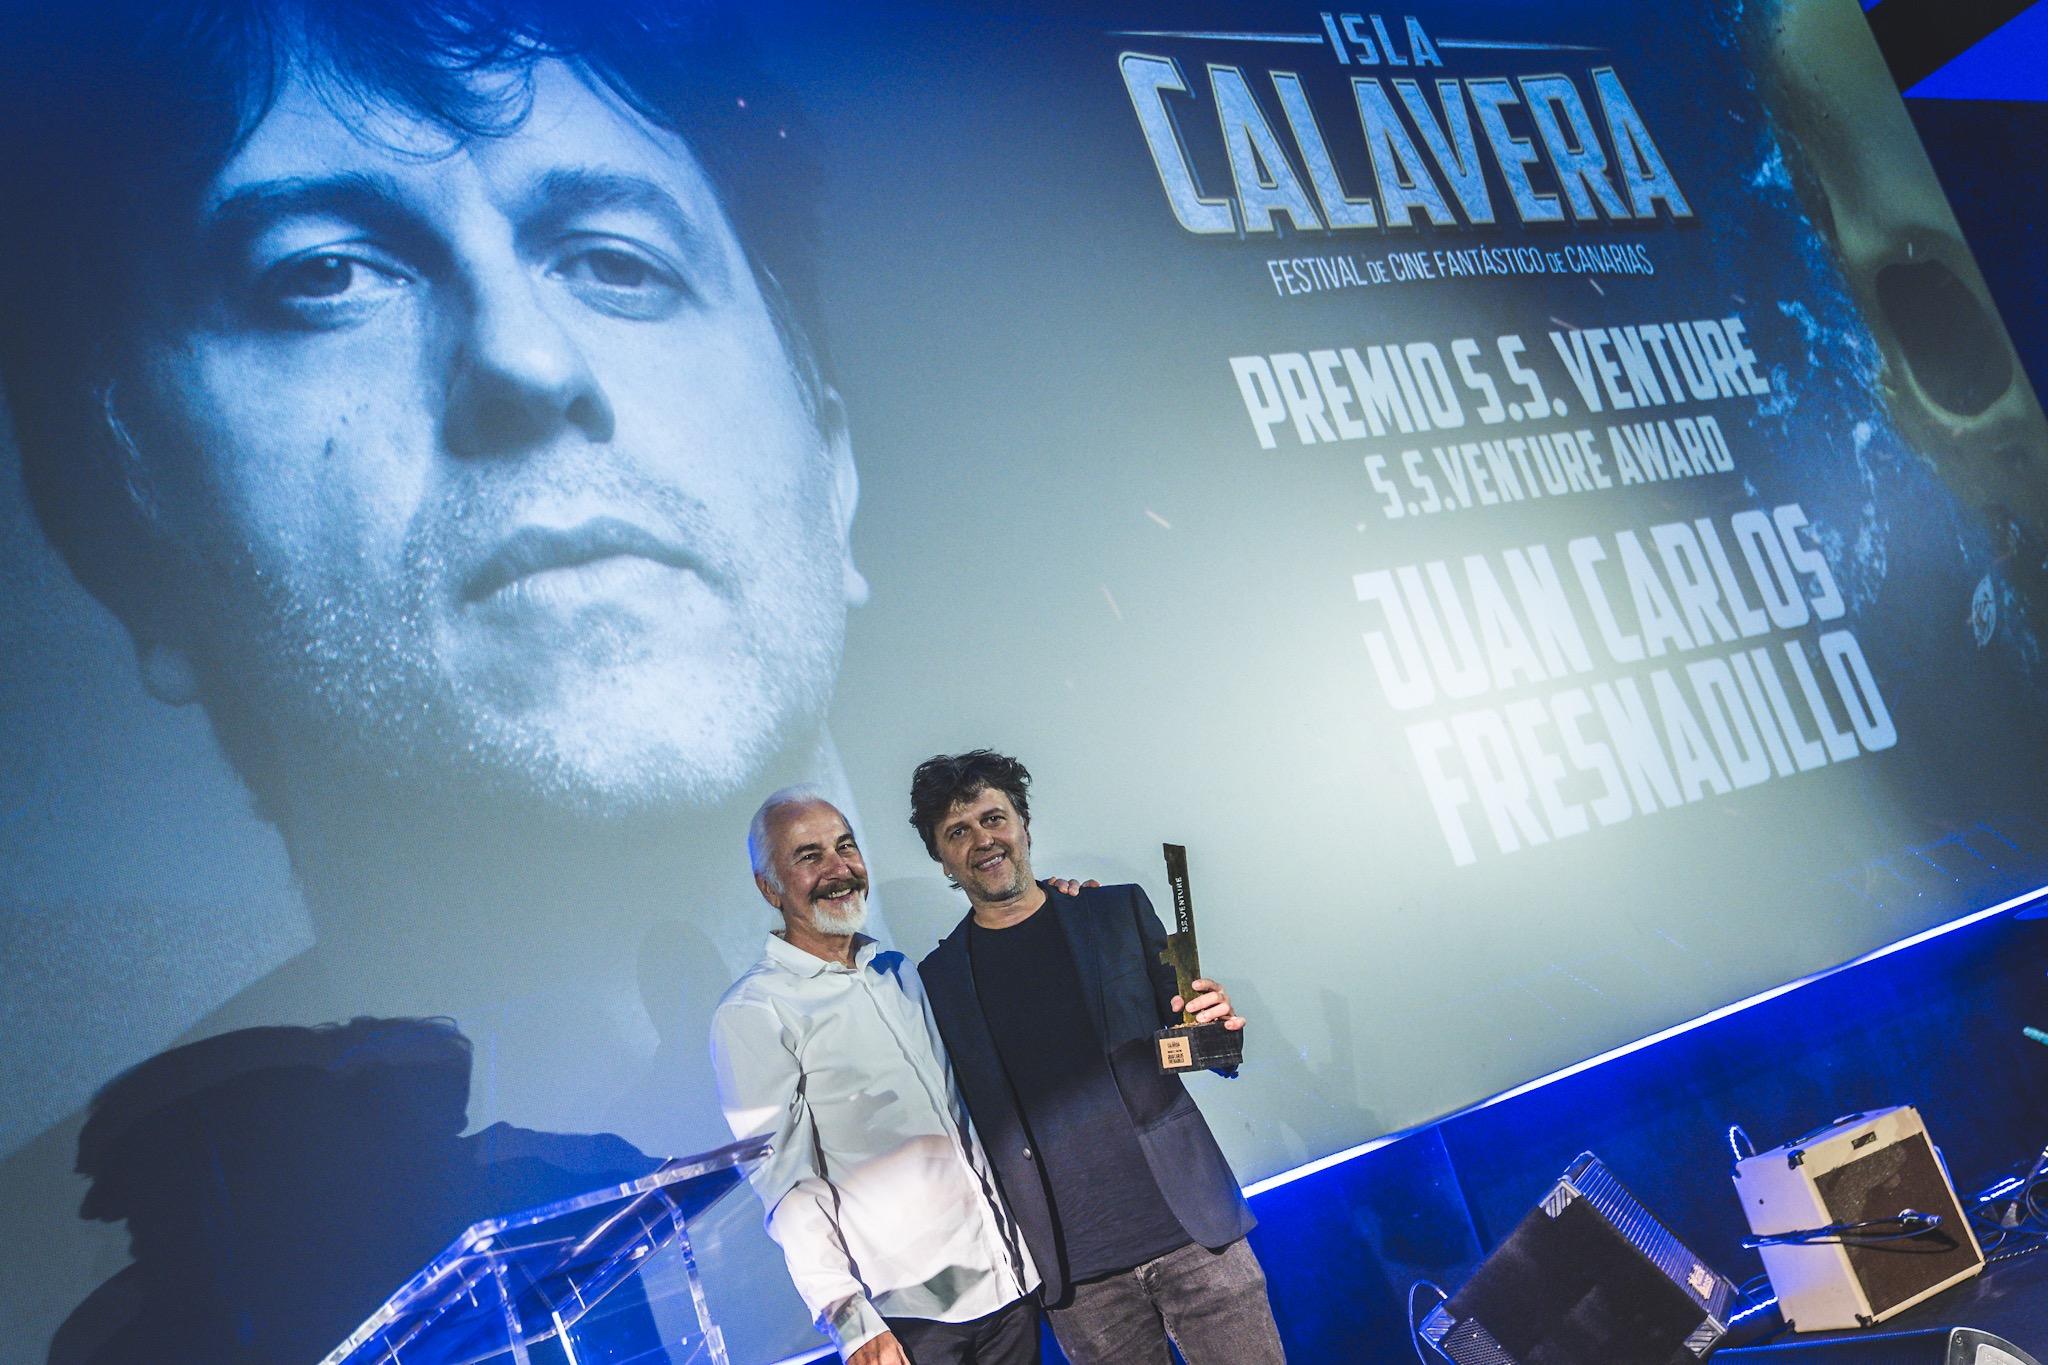 Juan Carlos Fresnadillo recogió el Premio S. S. Venture de manos de Rick Baker.